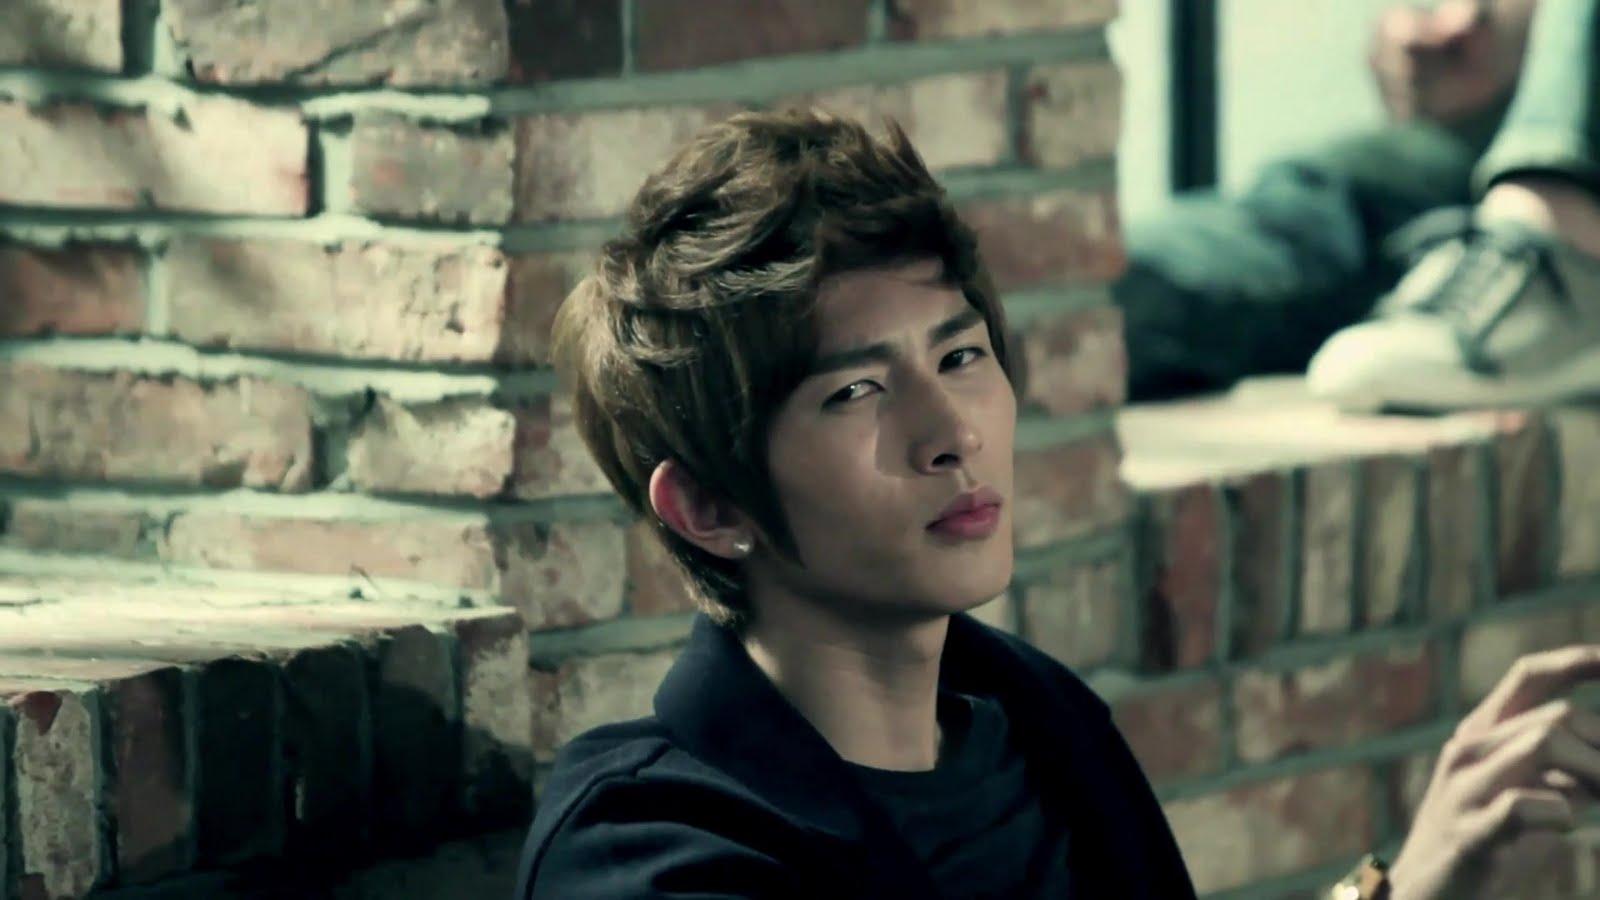 U kiss 0330 dongho